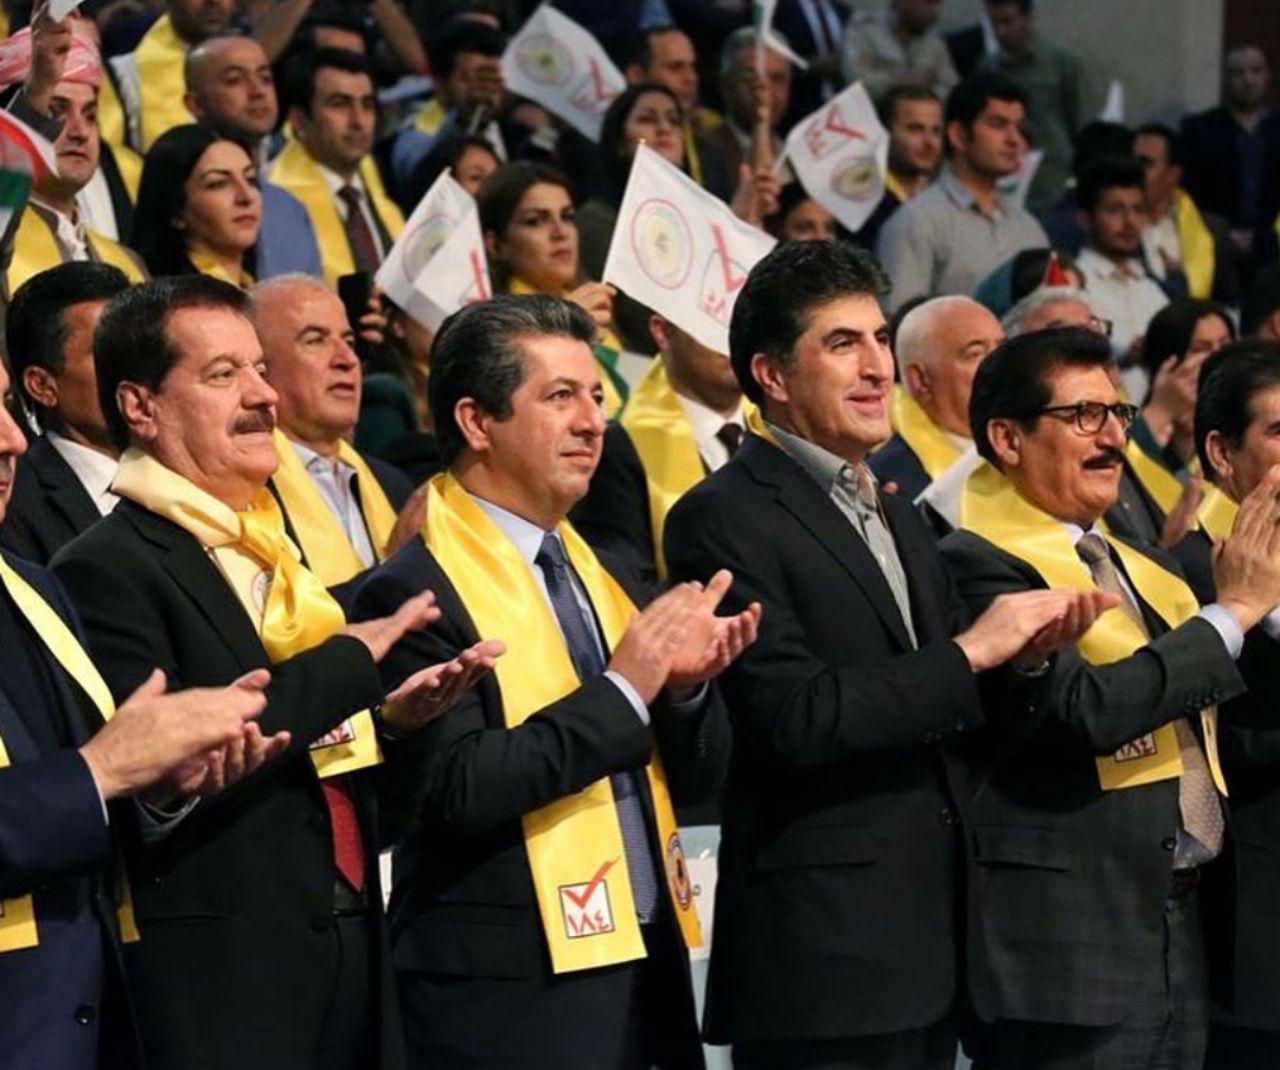 گرم شدن بازار تبلیغات انتخابات پارلمانی در اقلیم کردستان